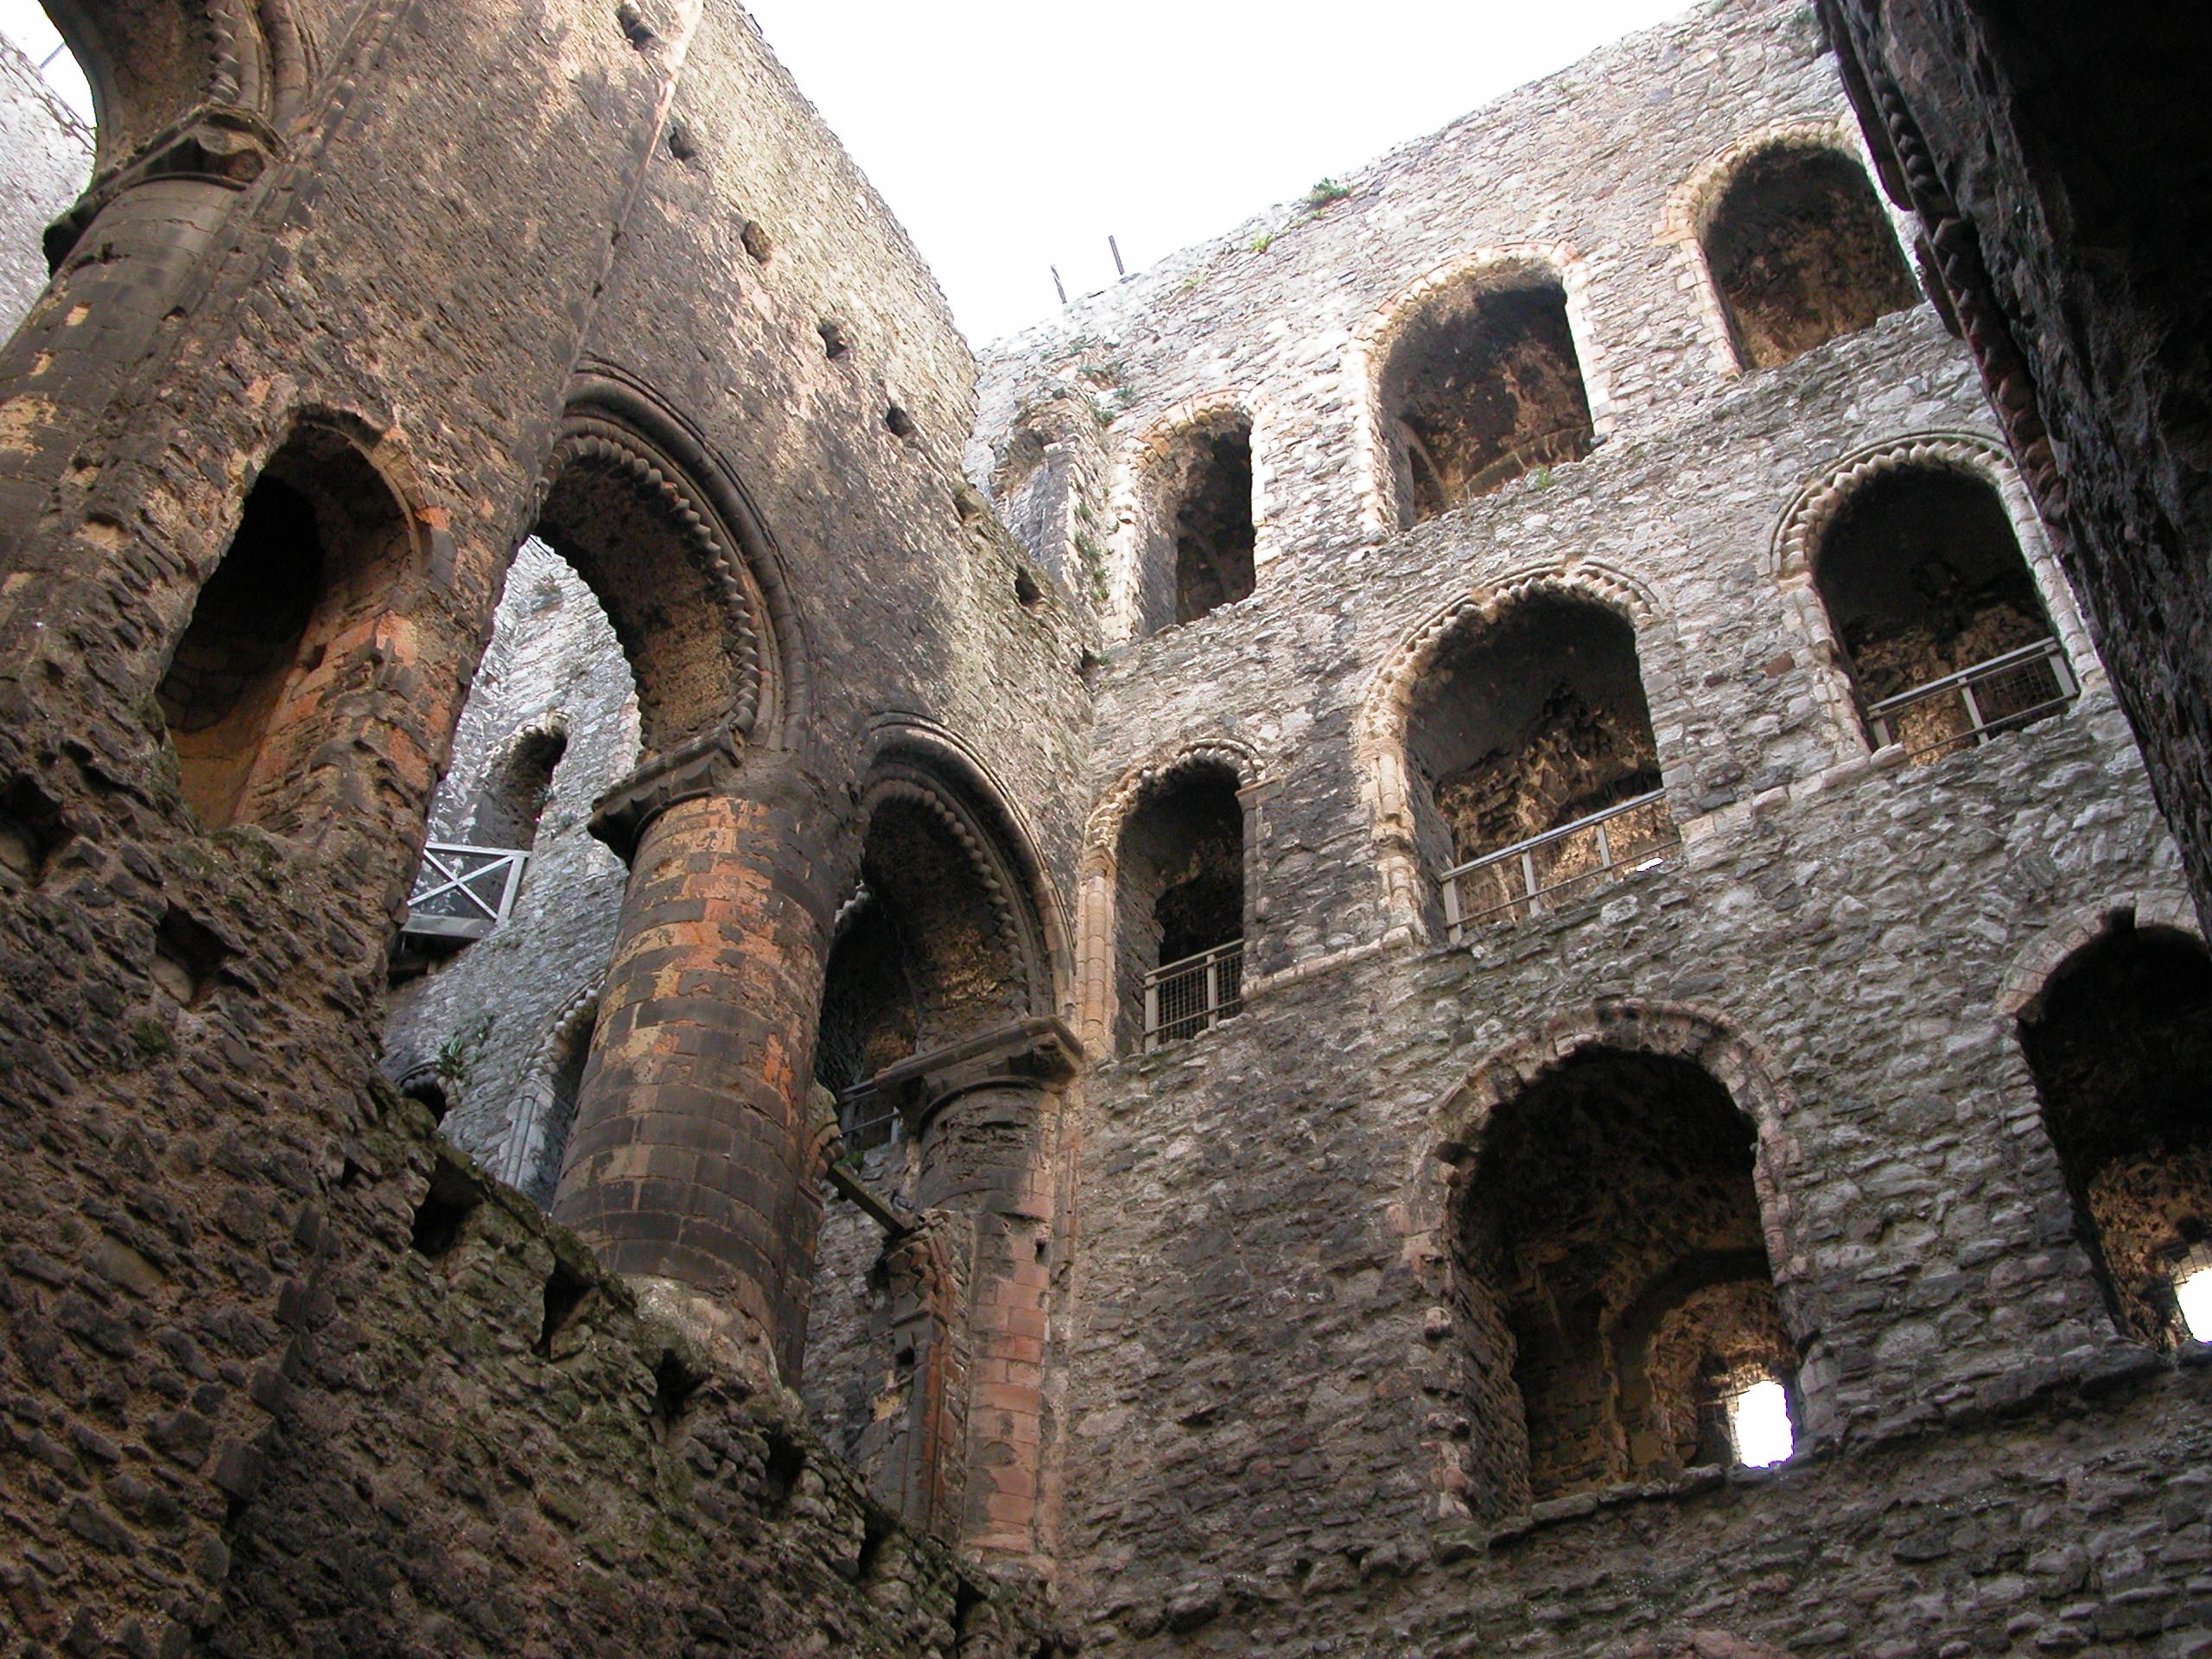 file:rochester castle interior - wikimedia commons